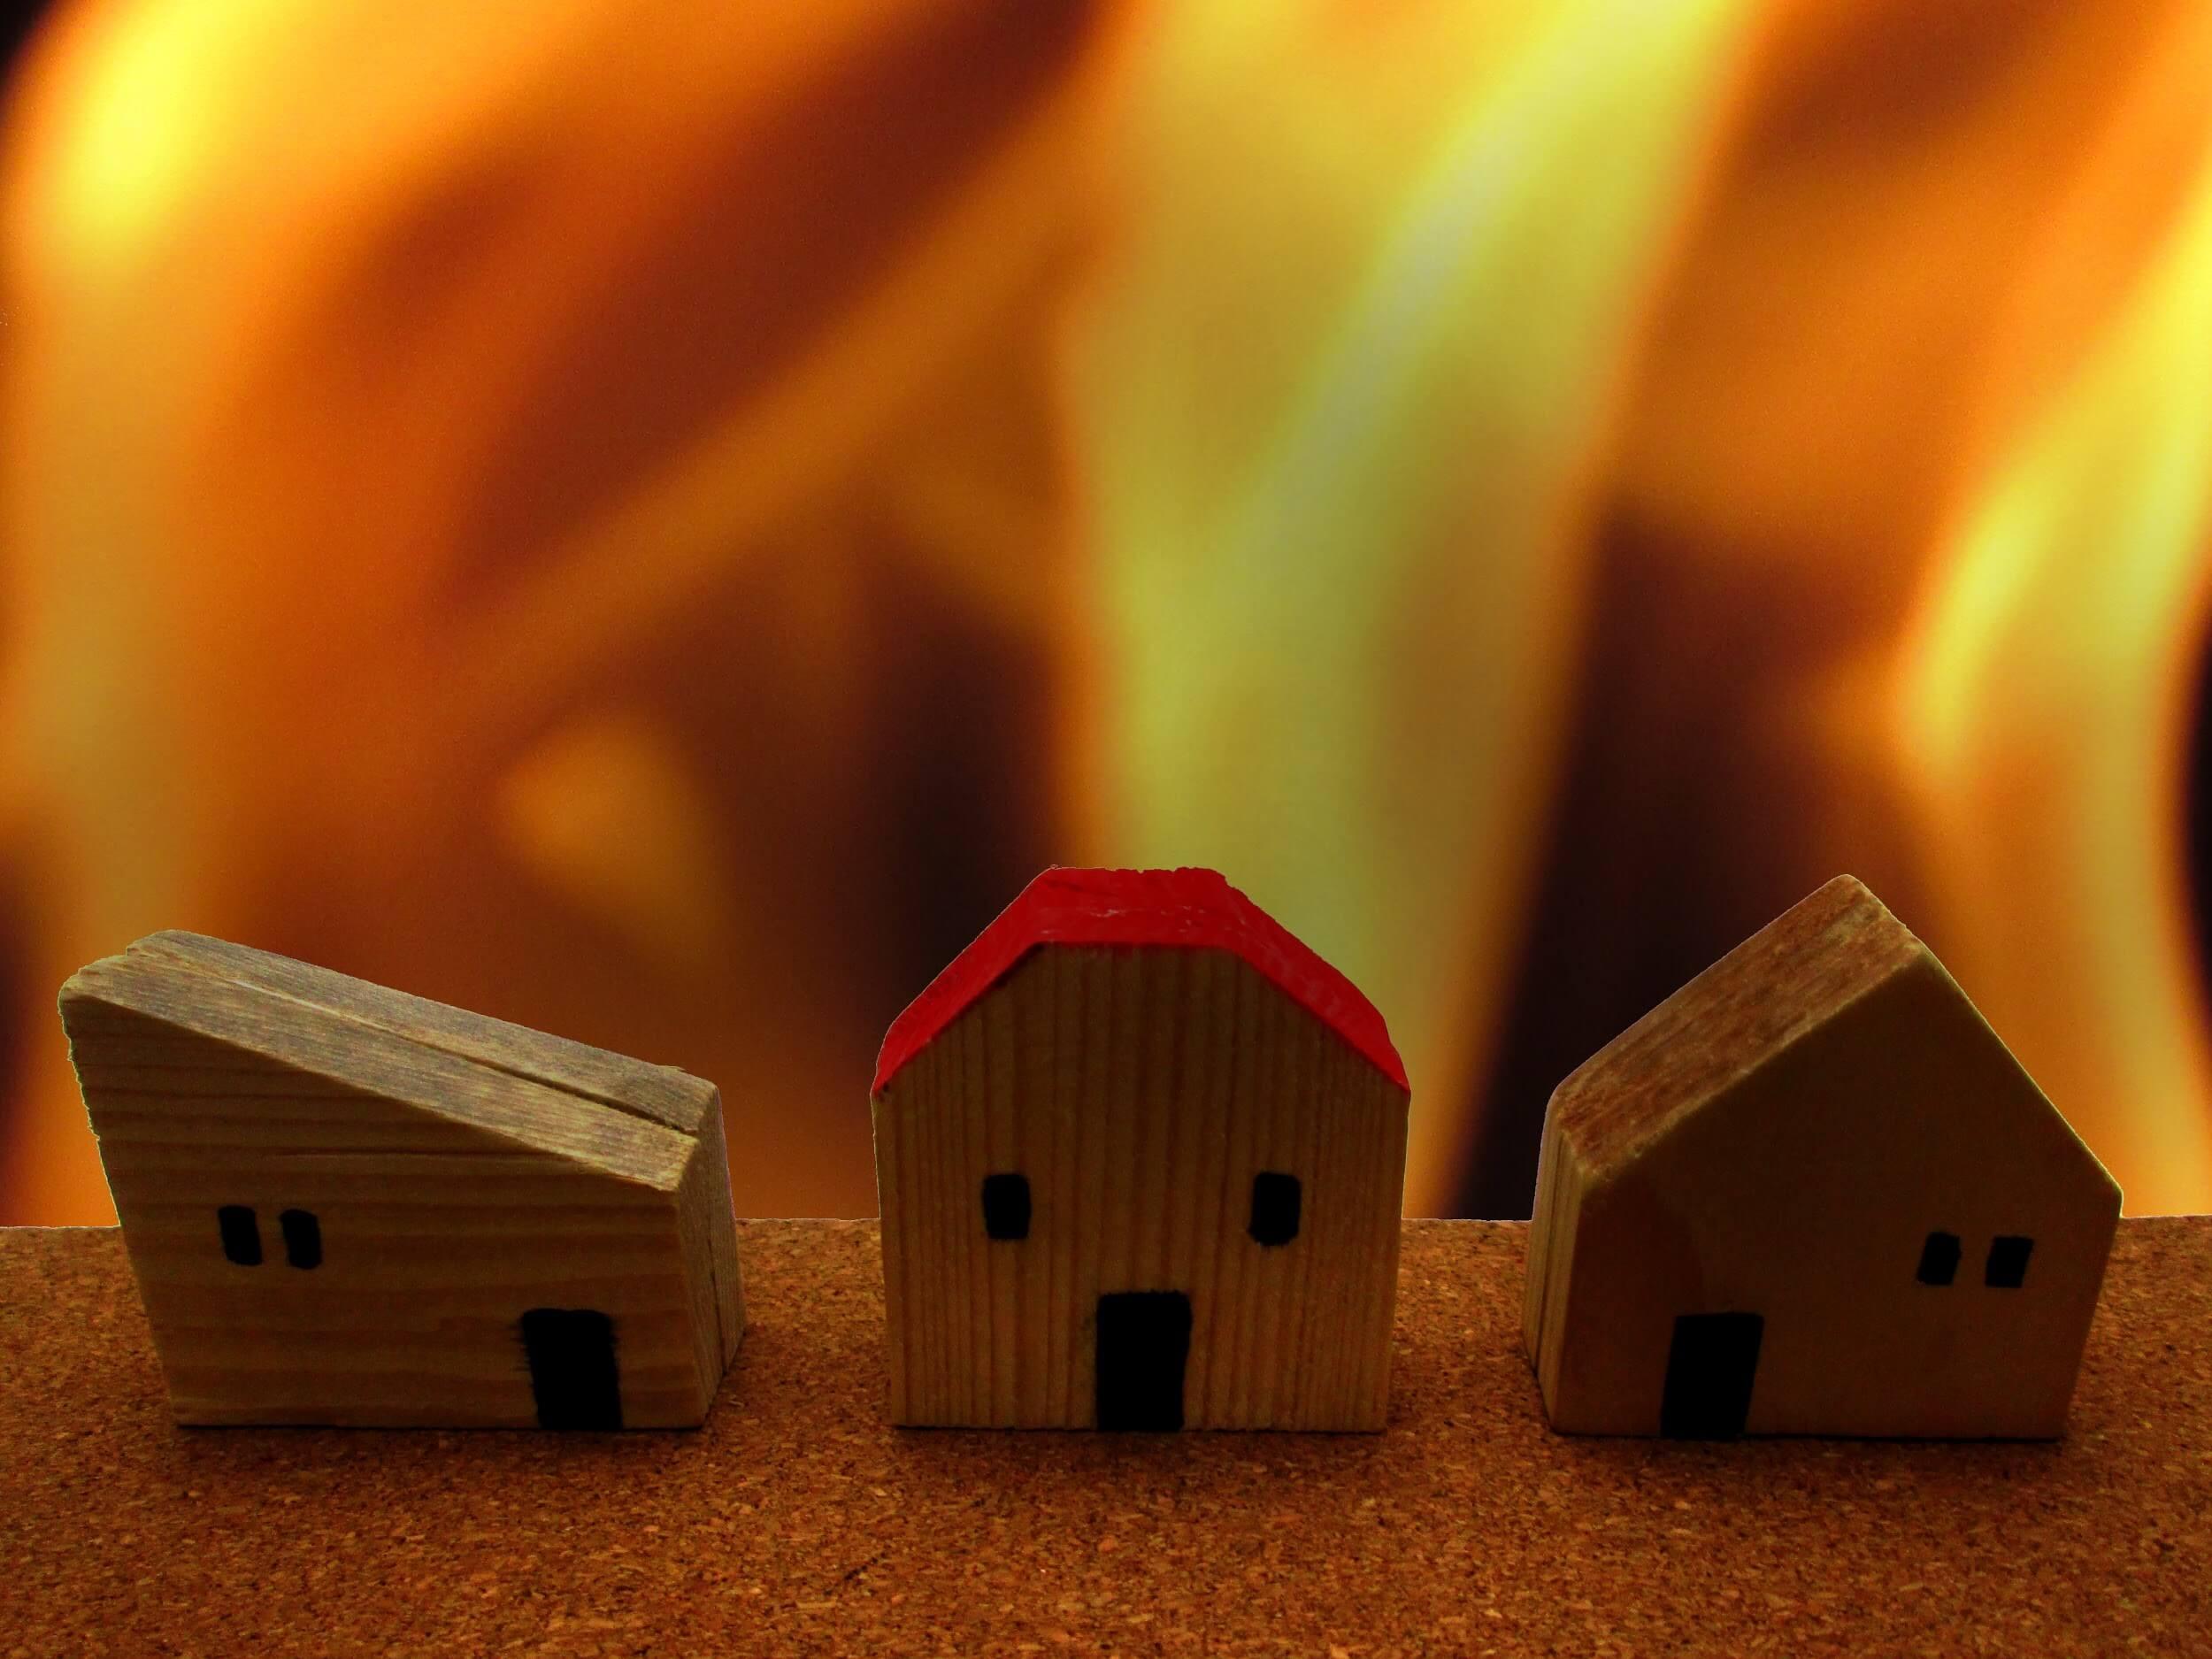 火災保険を利用して自己負担を抑える